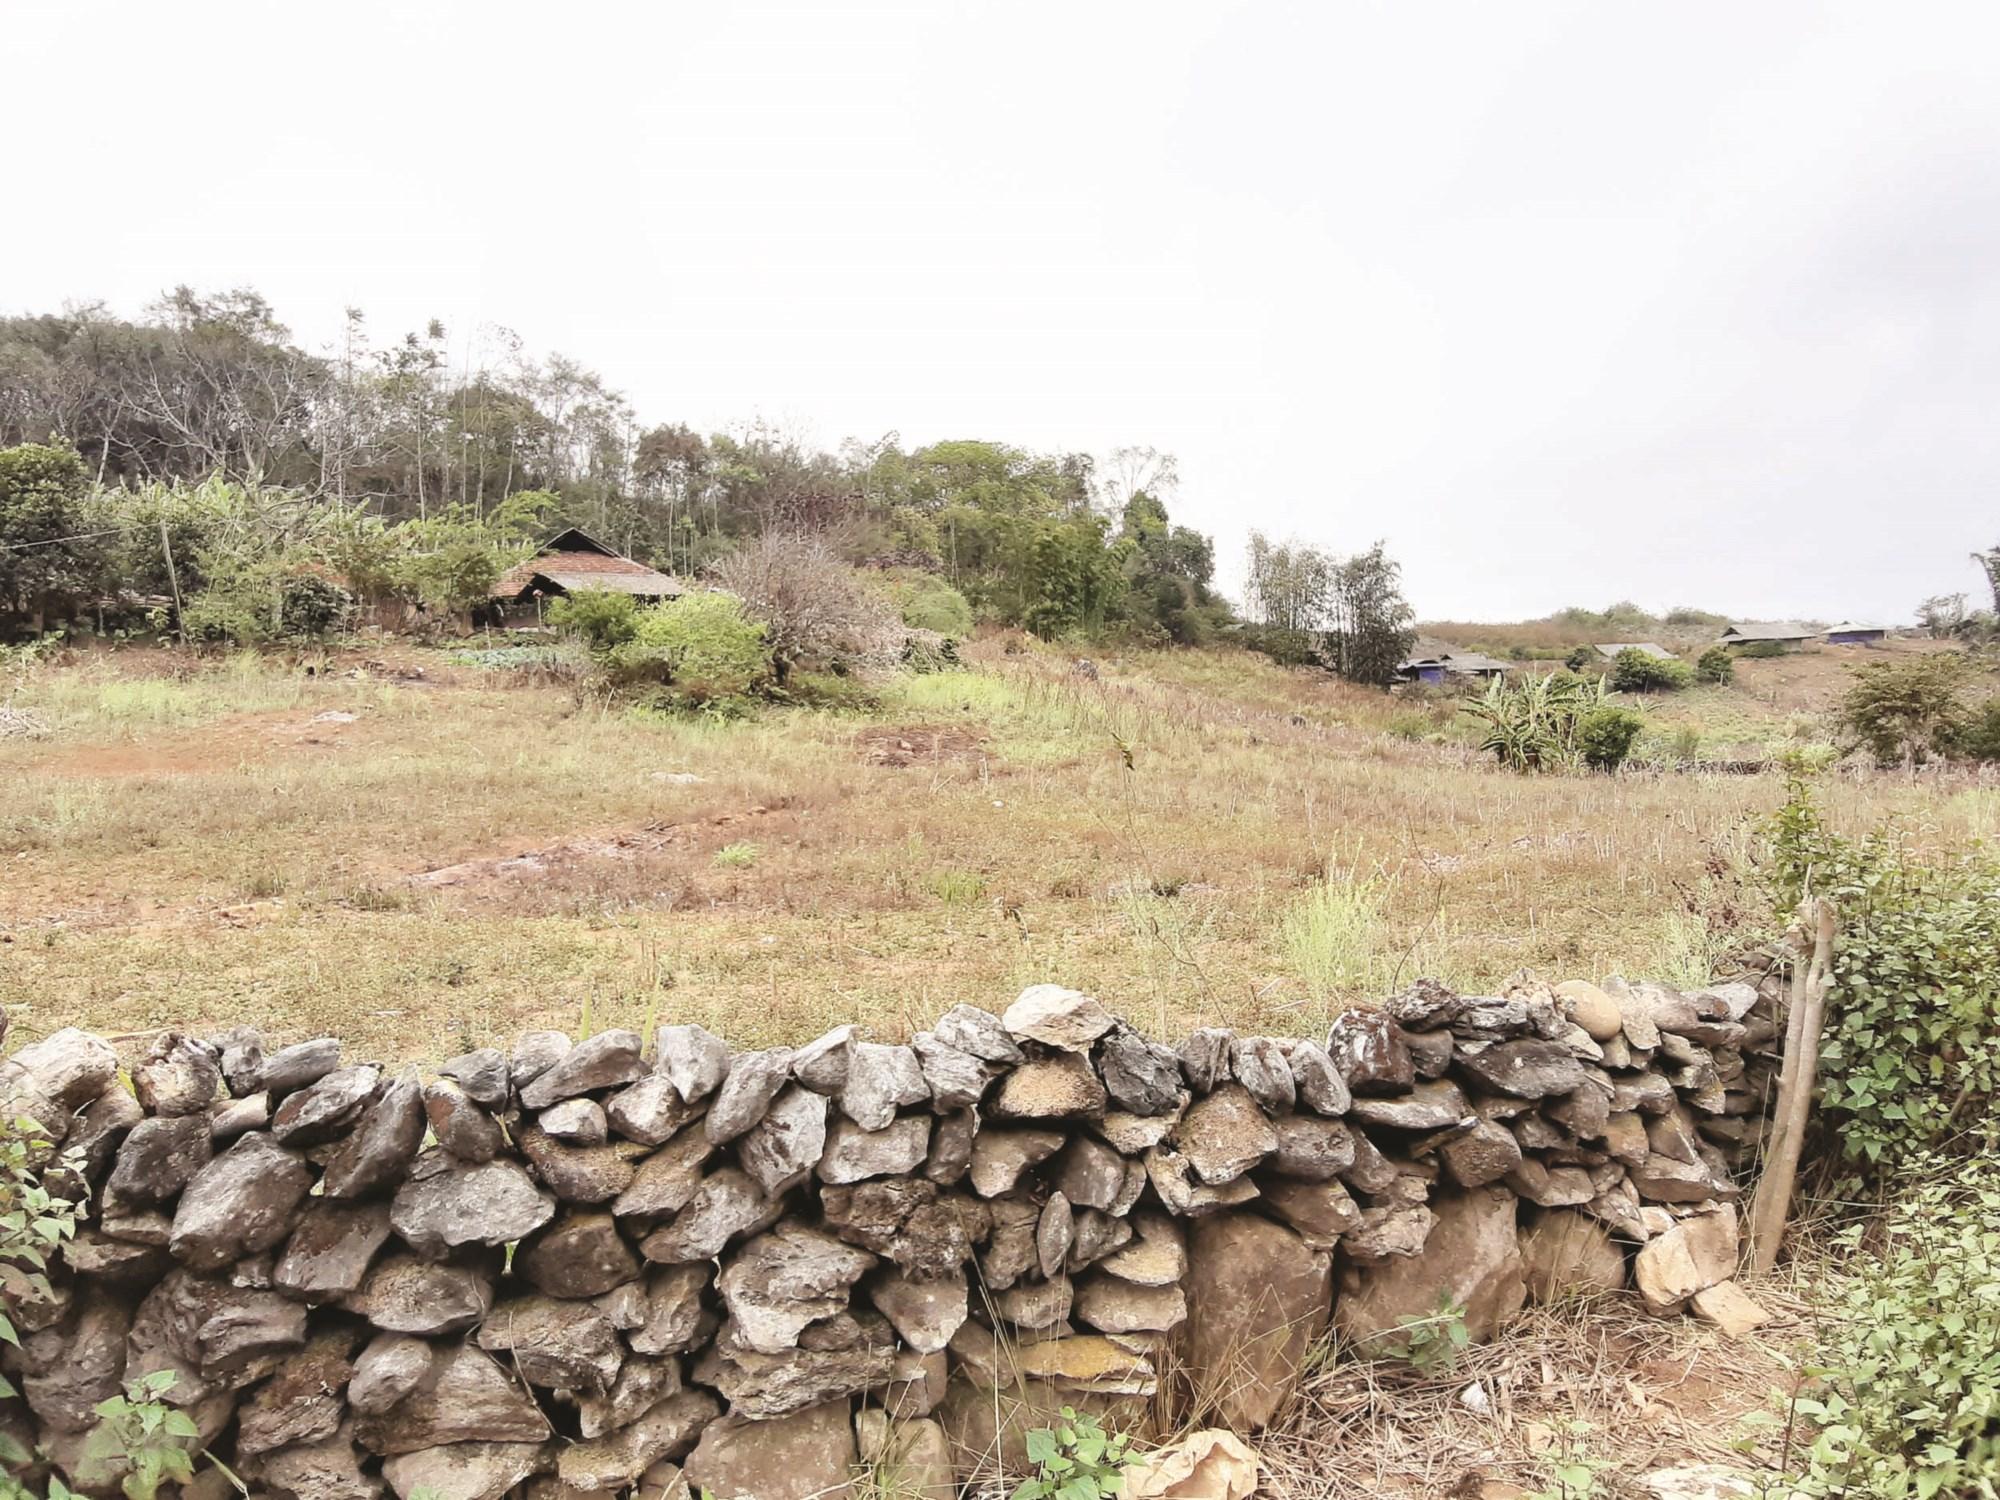 Những mảnh nương được phân định ranh giới đơn giản chỉ bằng những hàng rào đá thô sơ ở vùng cao tỉnh Điện Biên.